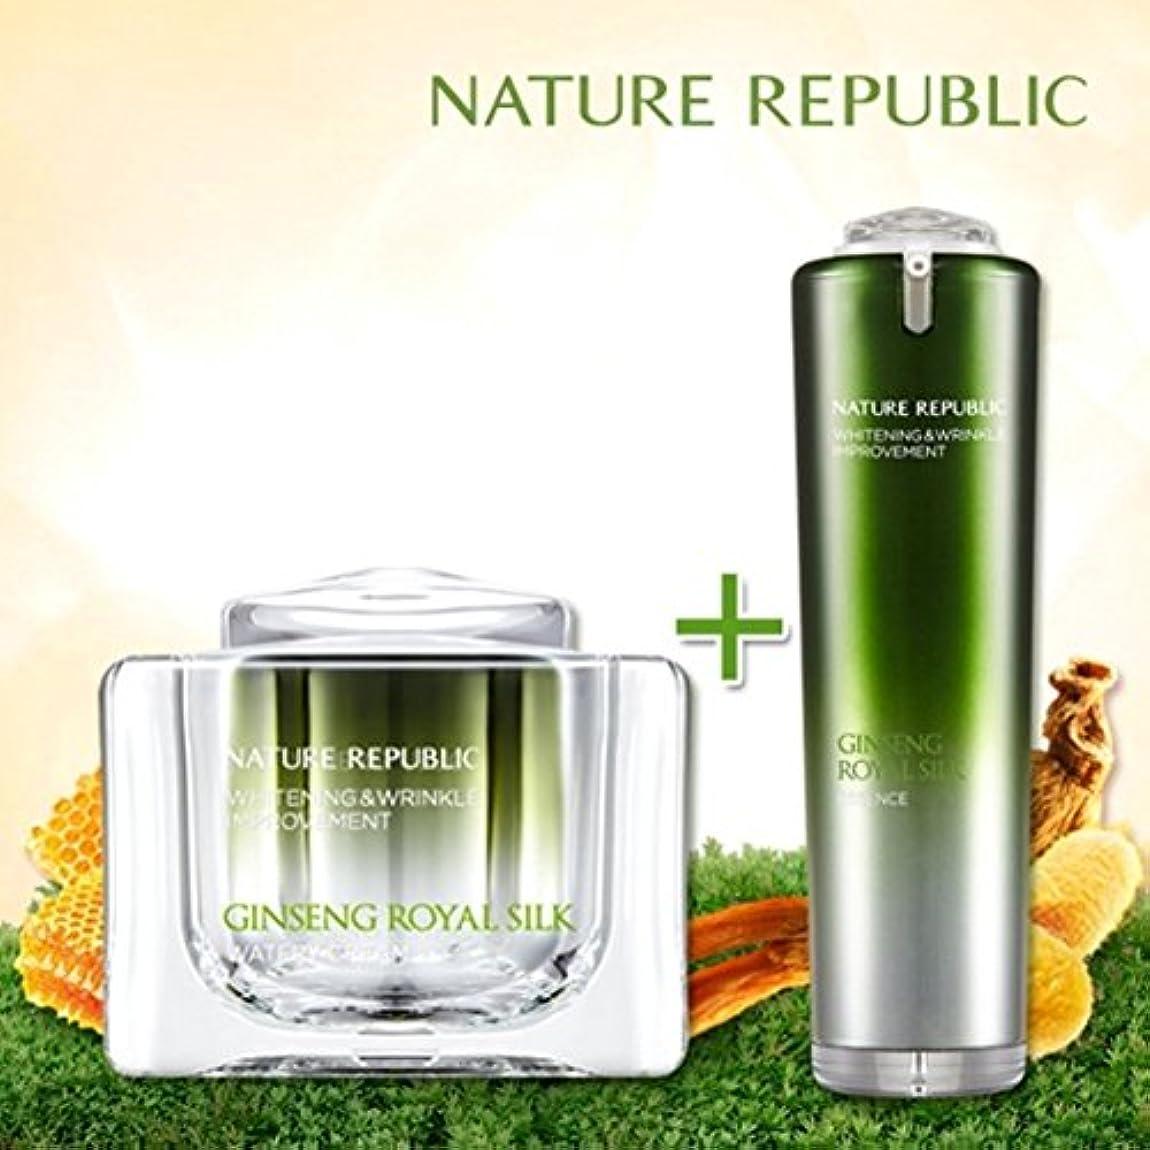 小さい深遠リフレッシュNATURE REPUBLIC/高麗人参ロイヤルシルクウォーターリークリーム+エッセンス Nature Republic、Ginseng Royal silk Watery Cream+Essence(海外直送品)